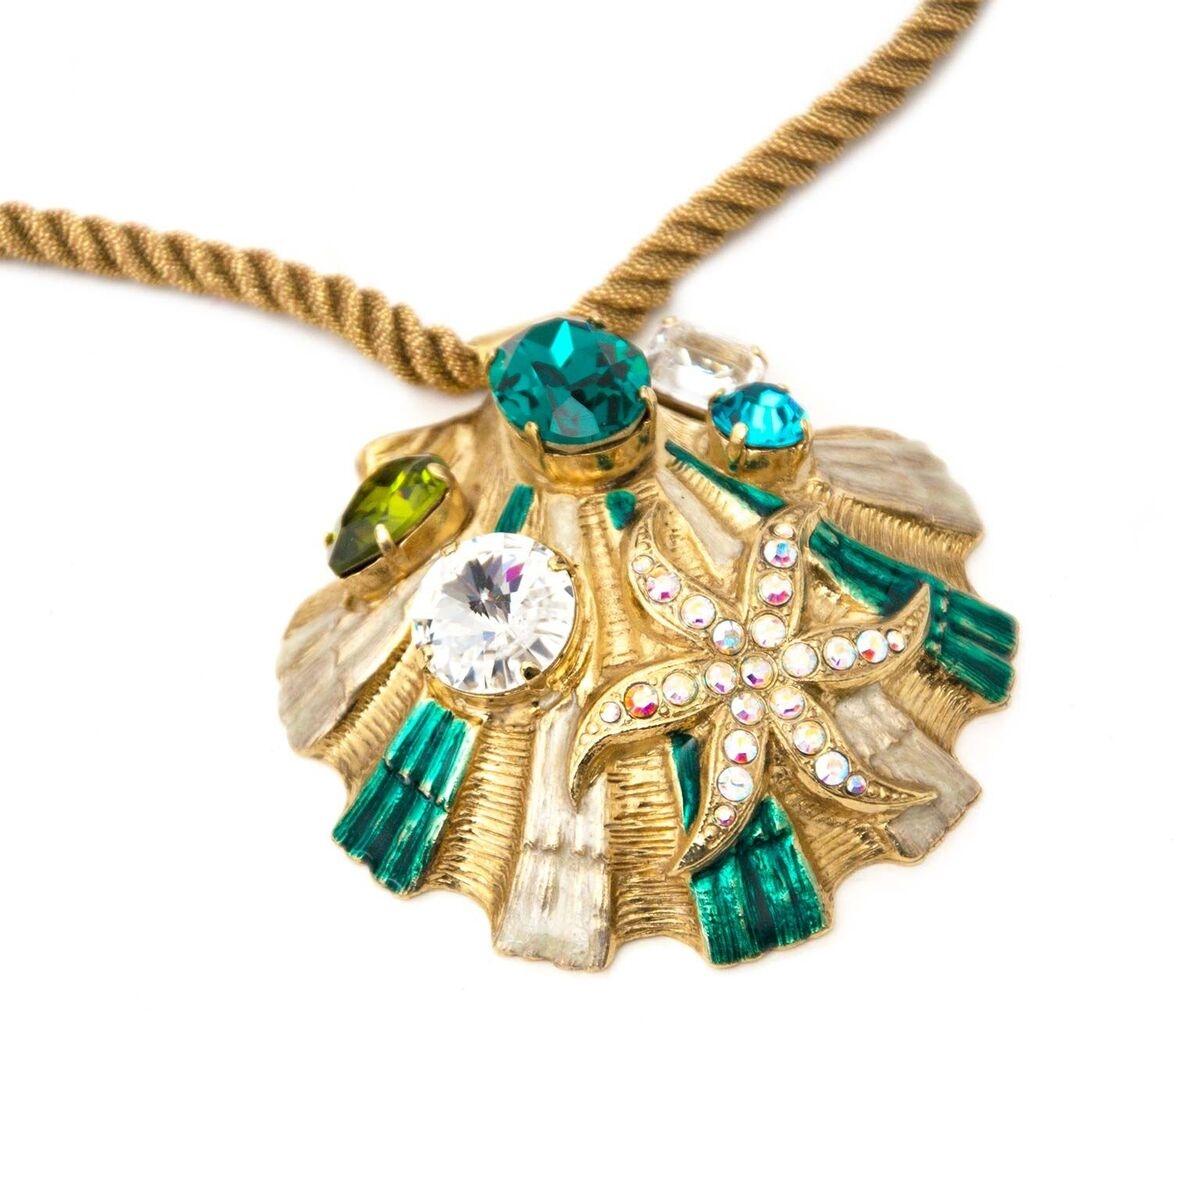 Koop authentieke tweedehands Blumarine necklace een eerlijke prijs bij LabelLOV. Veilig online shoppen.